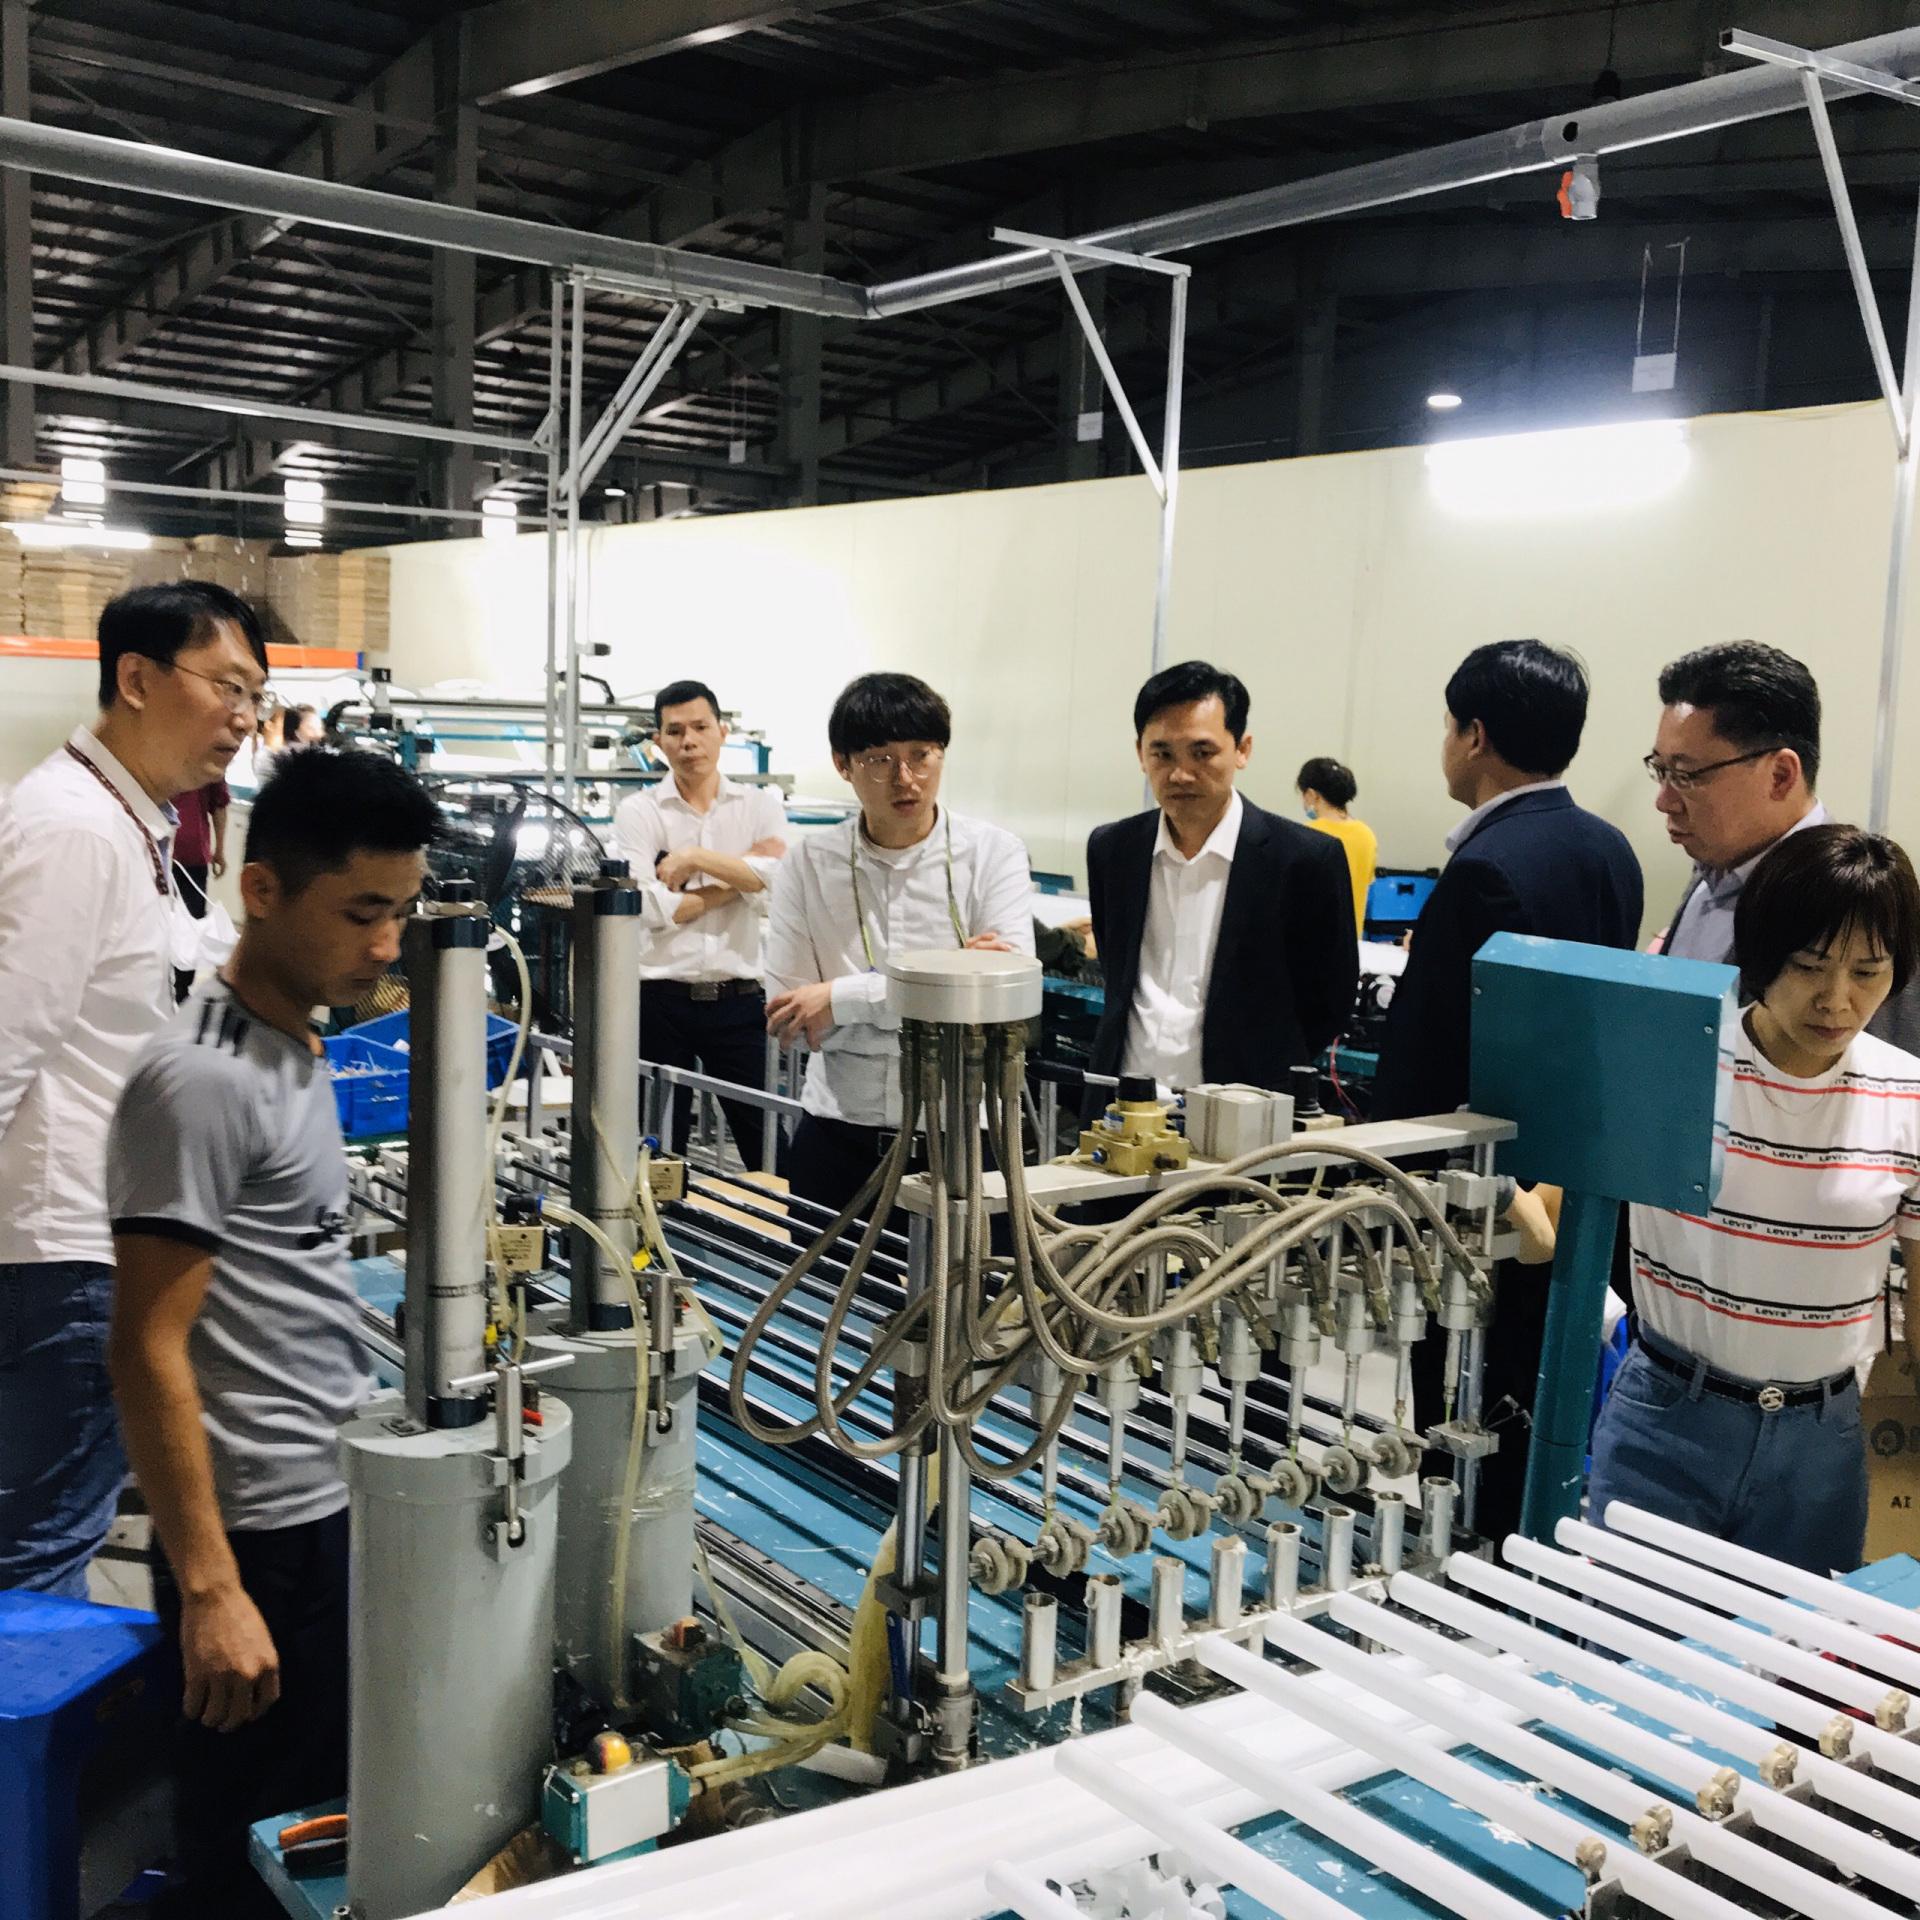 Dây chuyền sản xuất của SMK Việt Nam